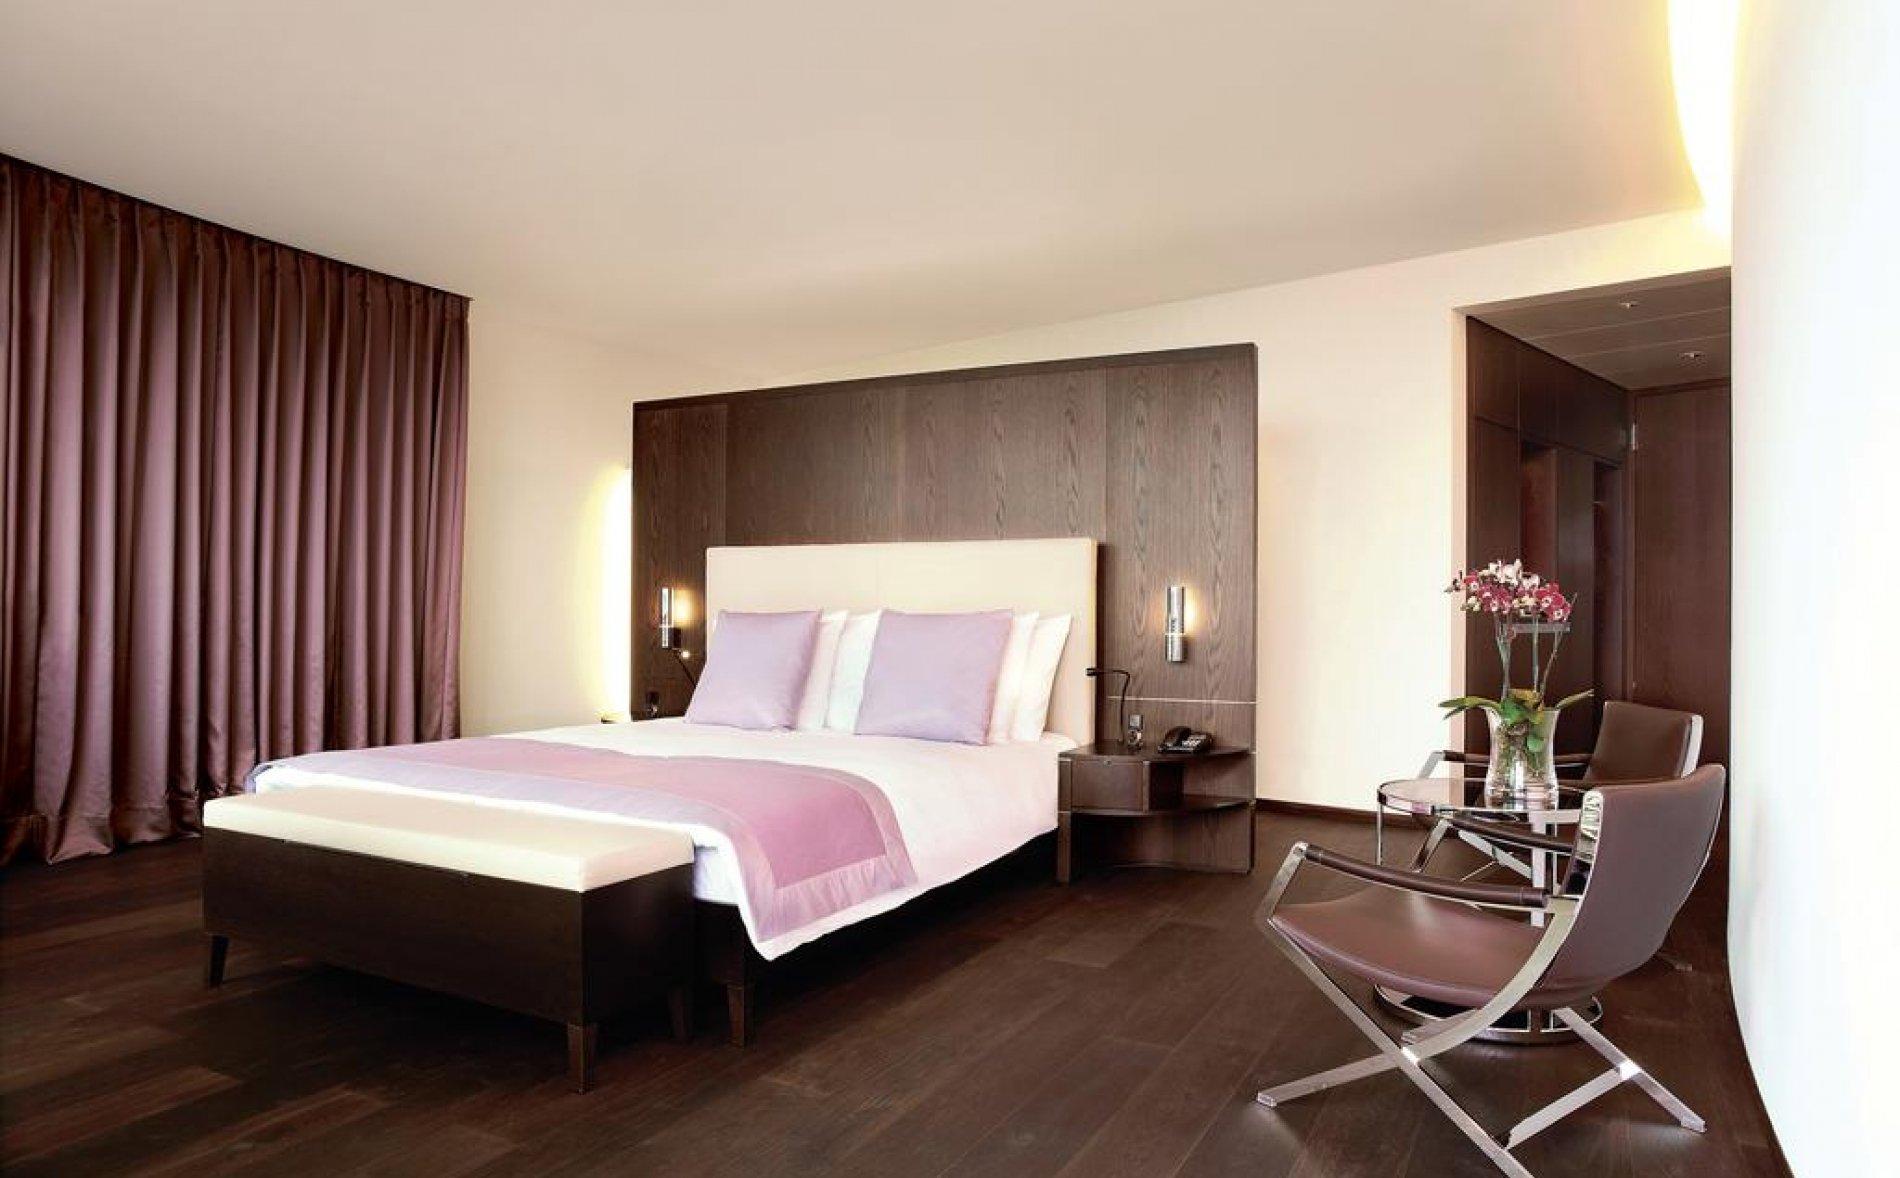 Натяжной потолок в спальне в стиле авангард